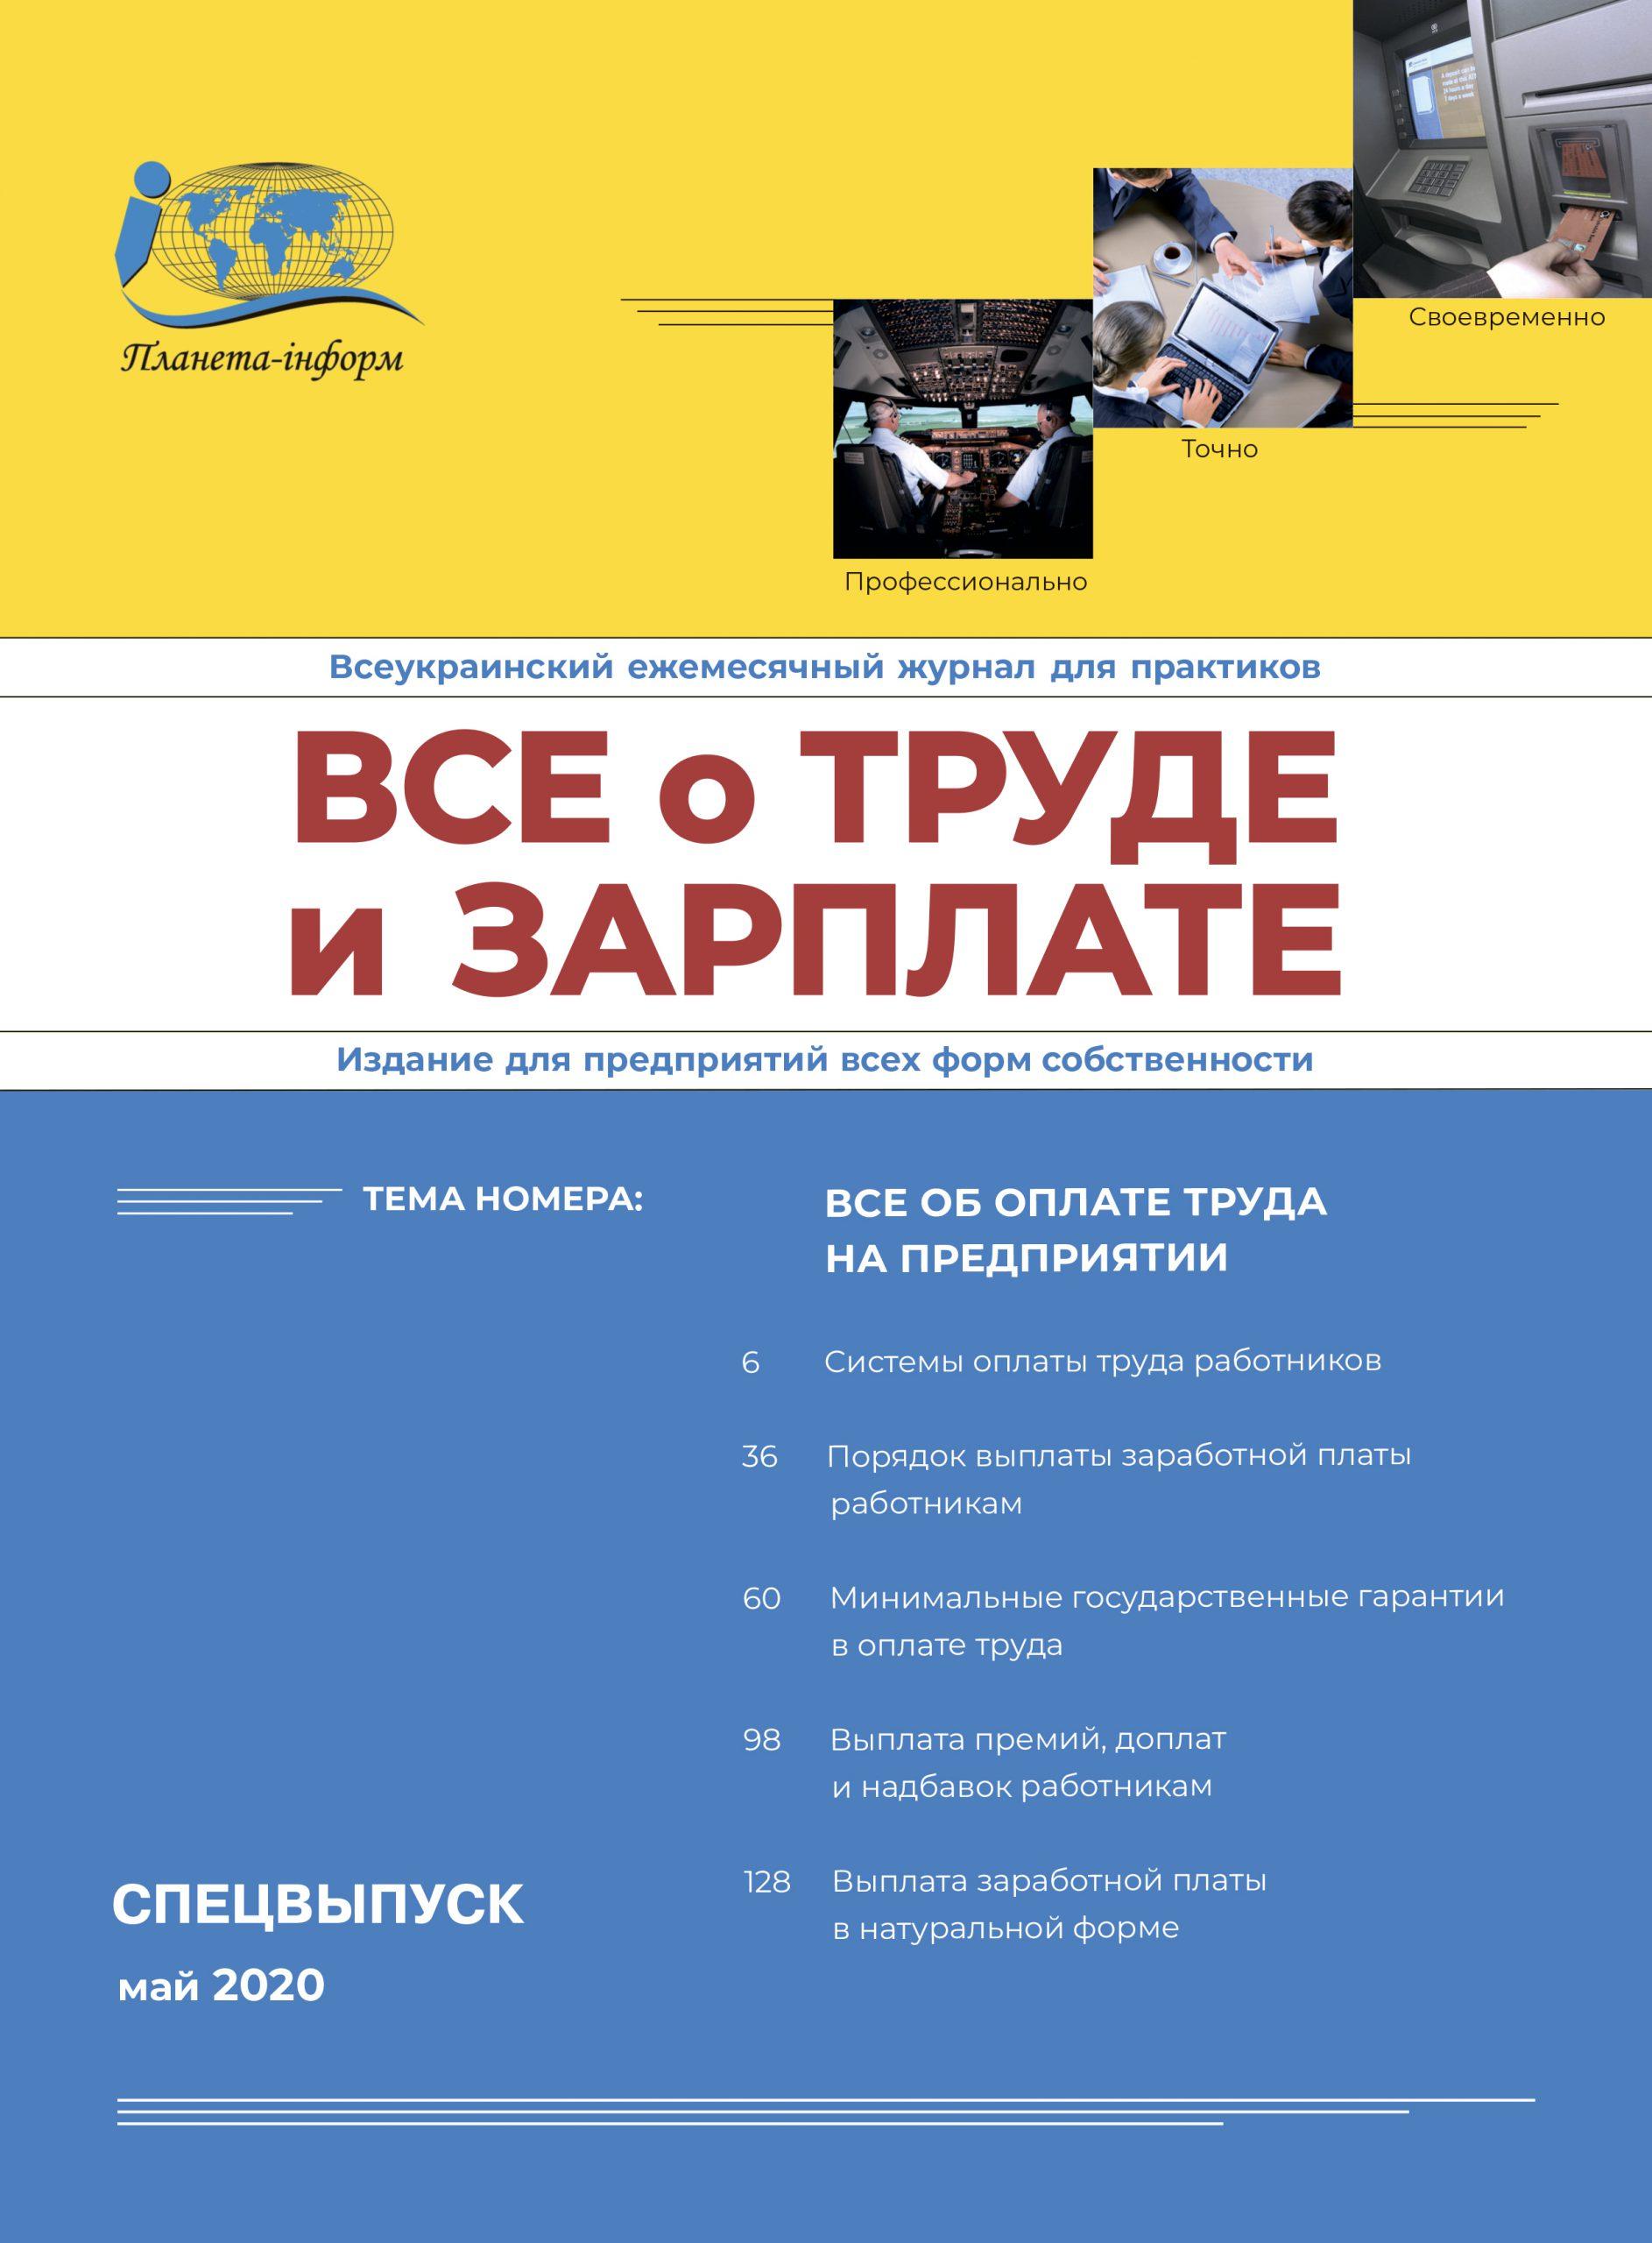 Электронный спецвыпуск «Все об оплате труда на предприятии»